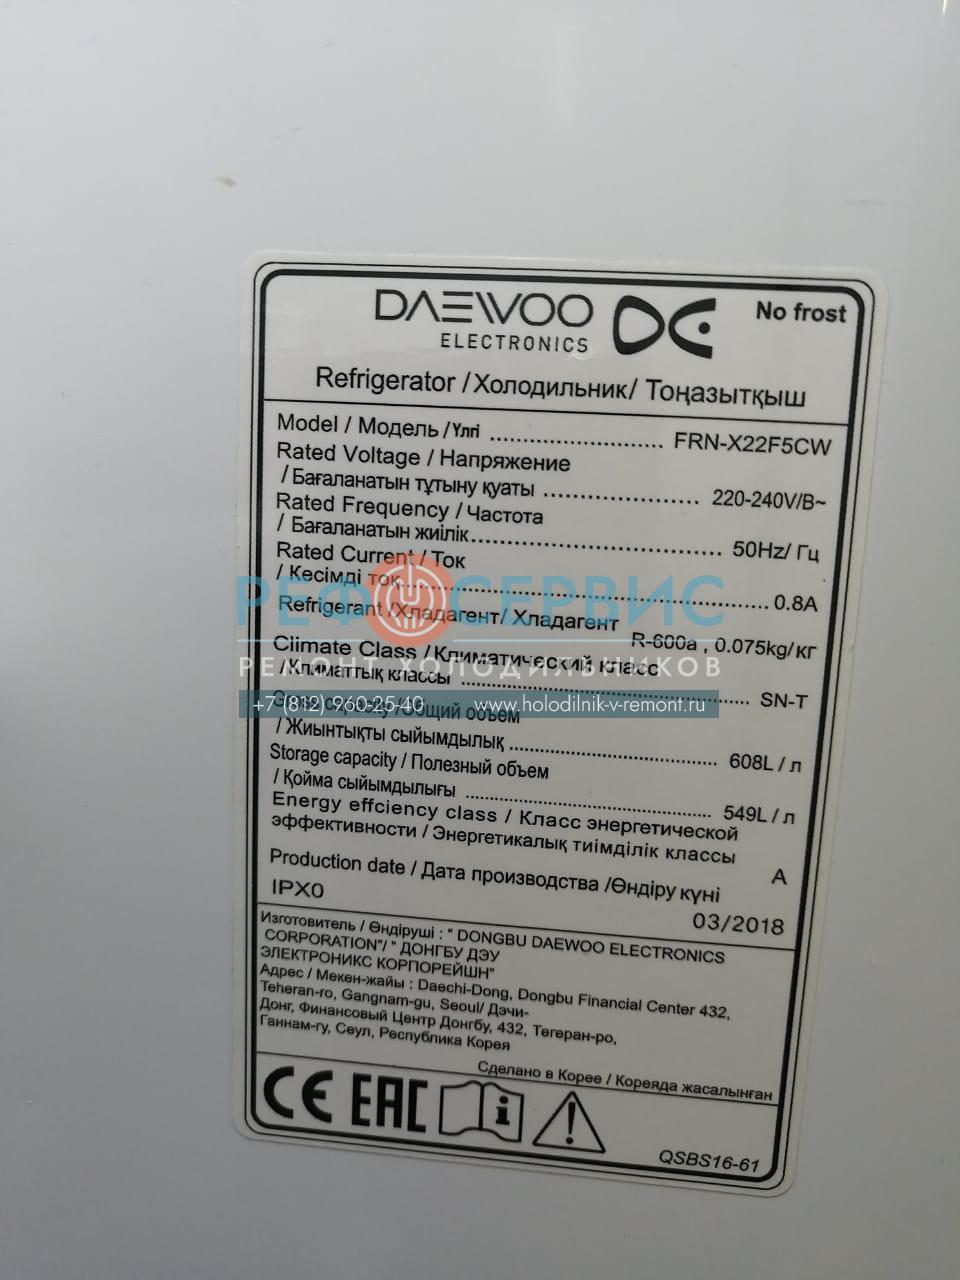 Ремонт льдогенератора в холодильнике DAEWOO FRN-X22F5CW